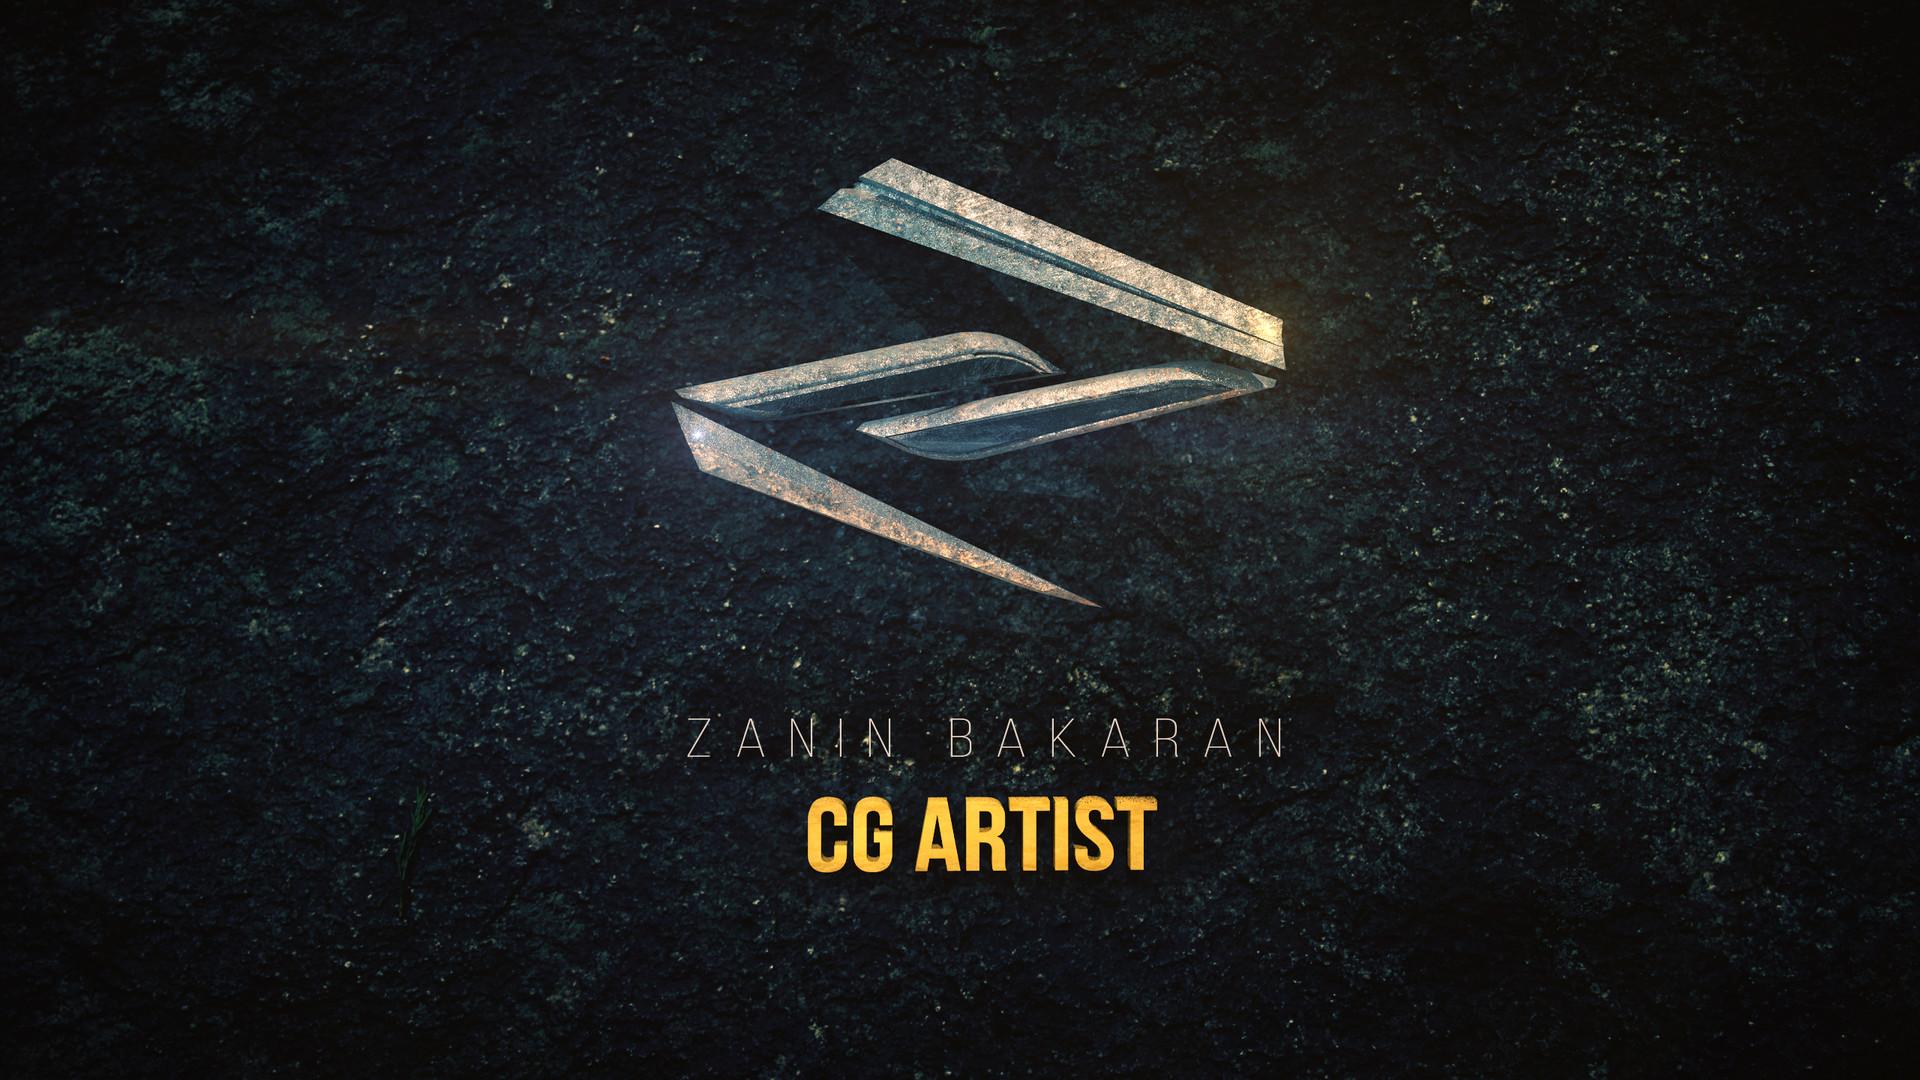 Zanin bakaran logo study 02